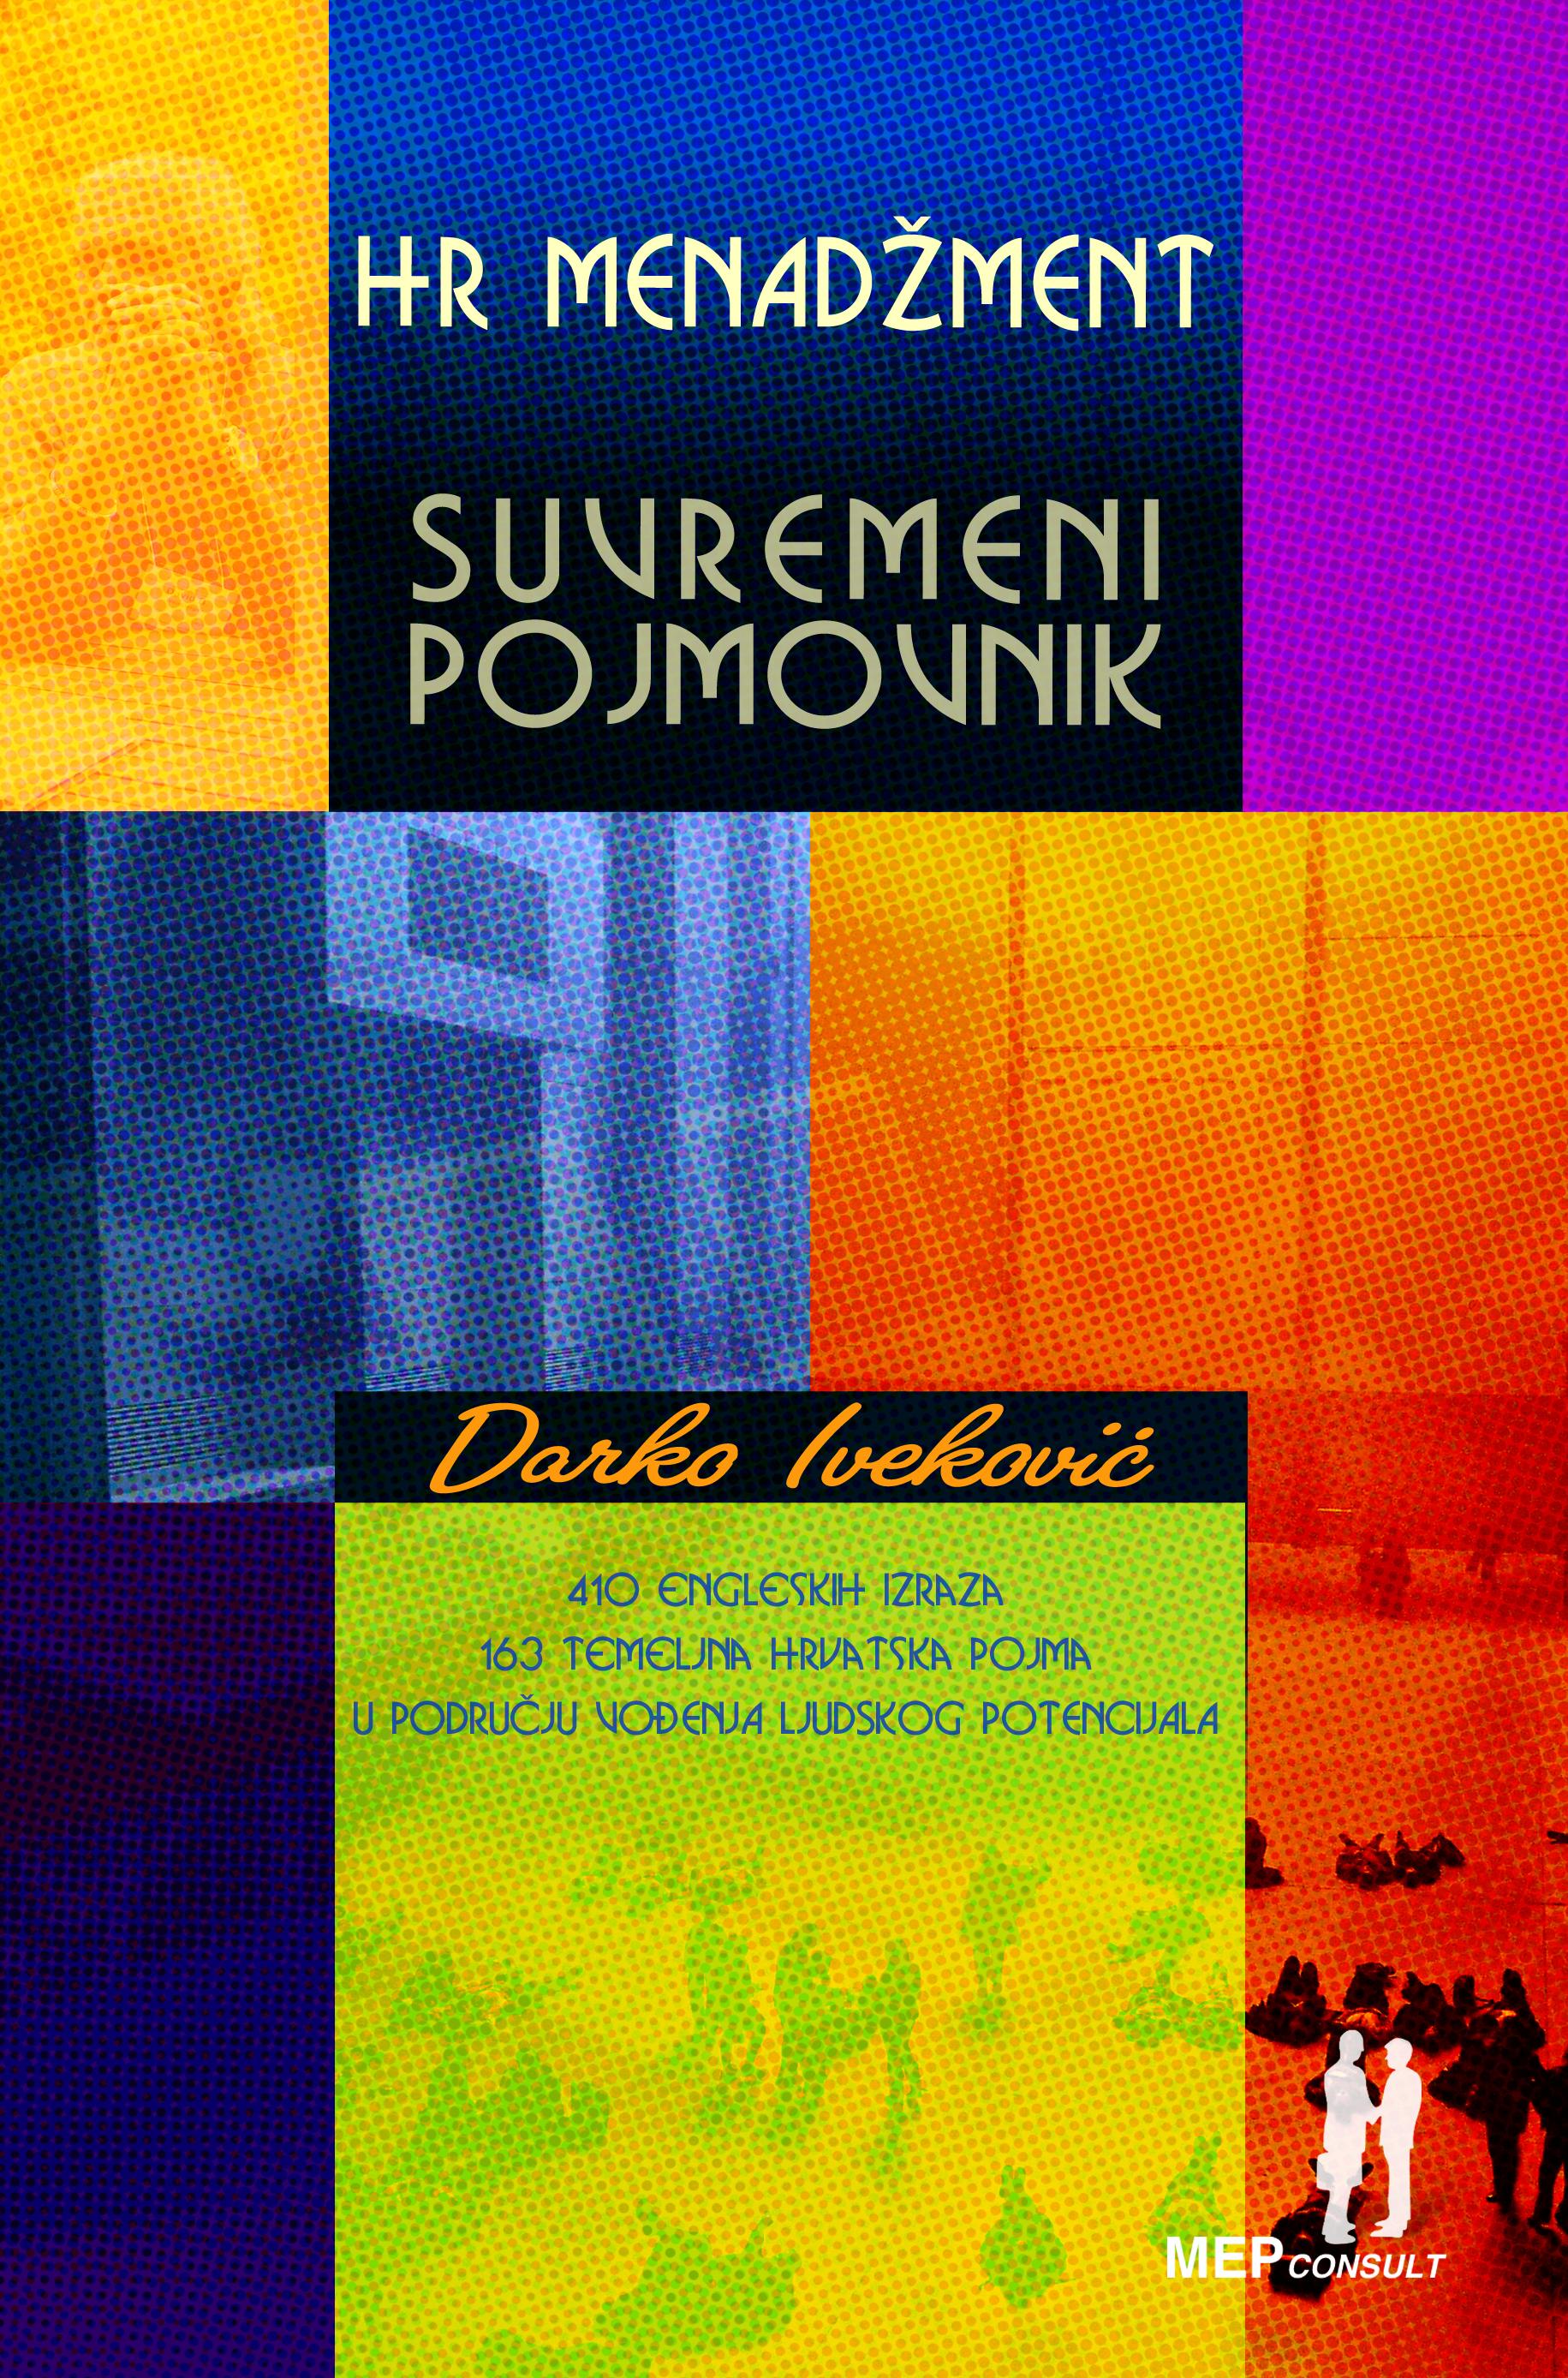 HR MENADŽMENT-SUVREMENI POJMOVNIK - Naruči svoju knjigu